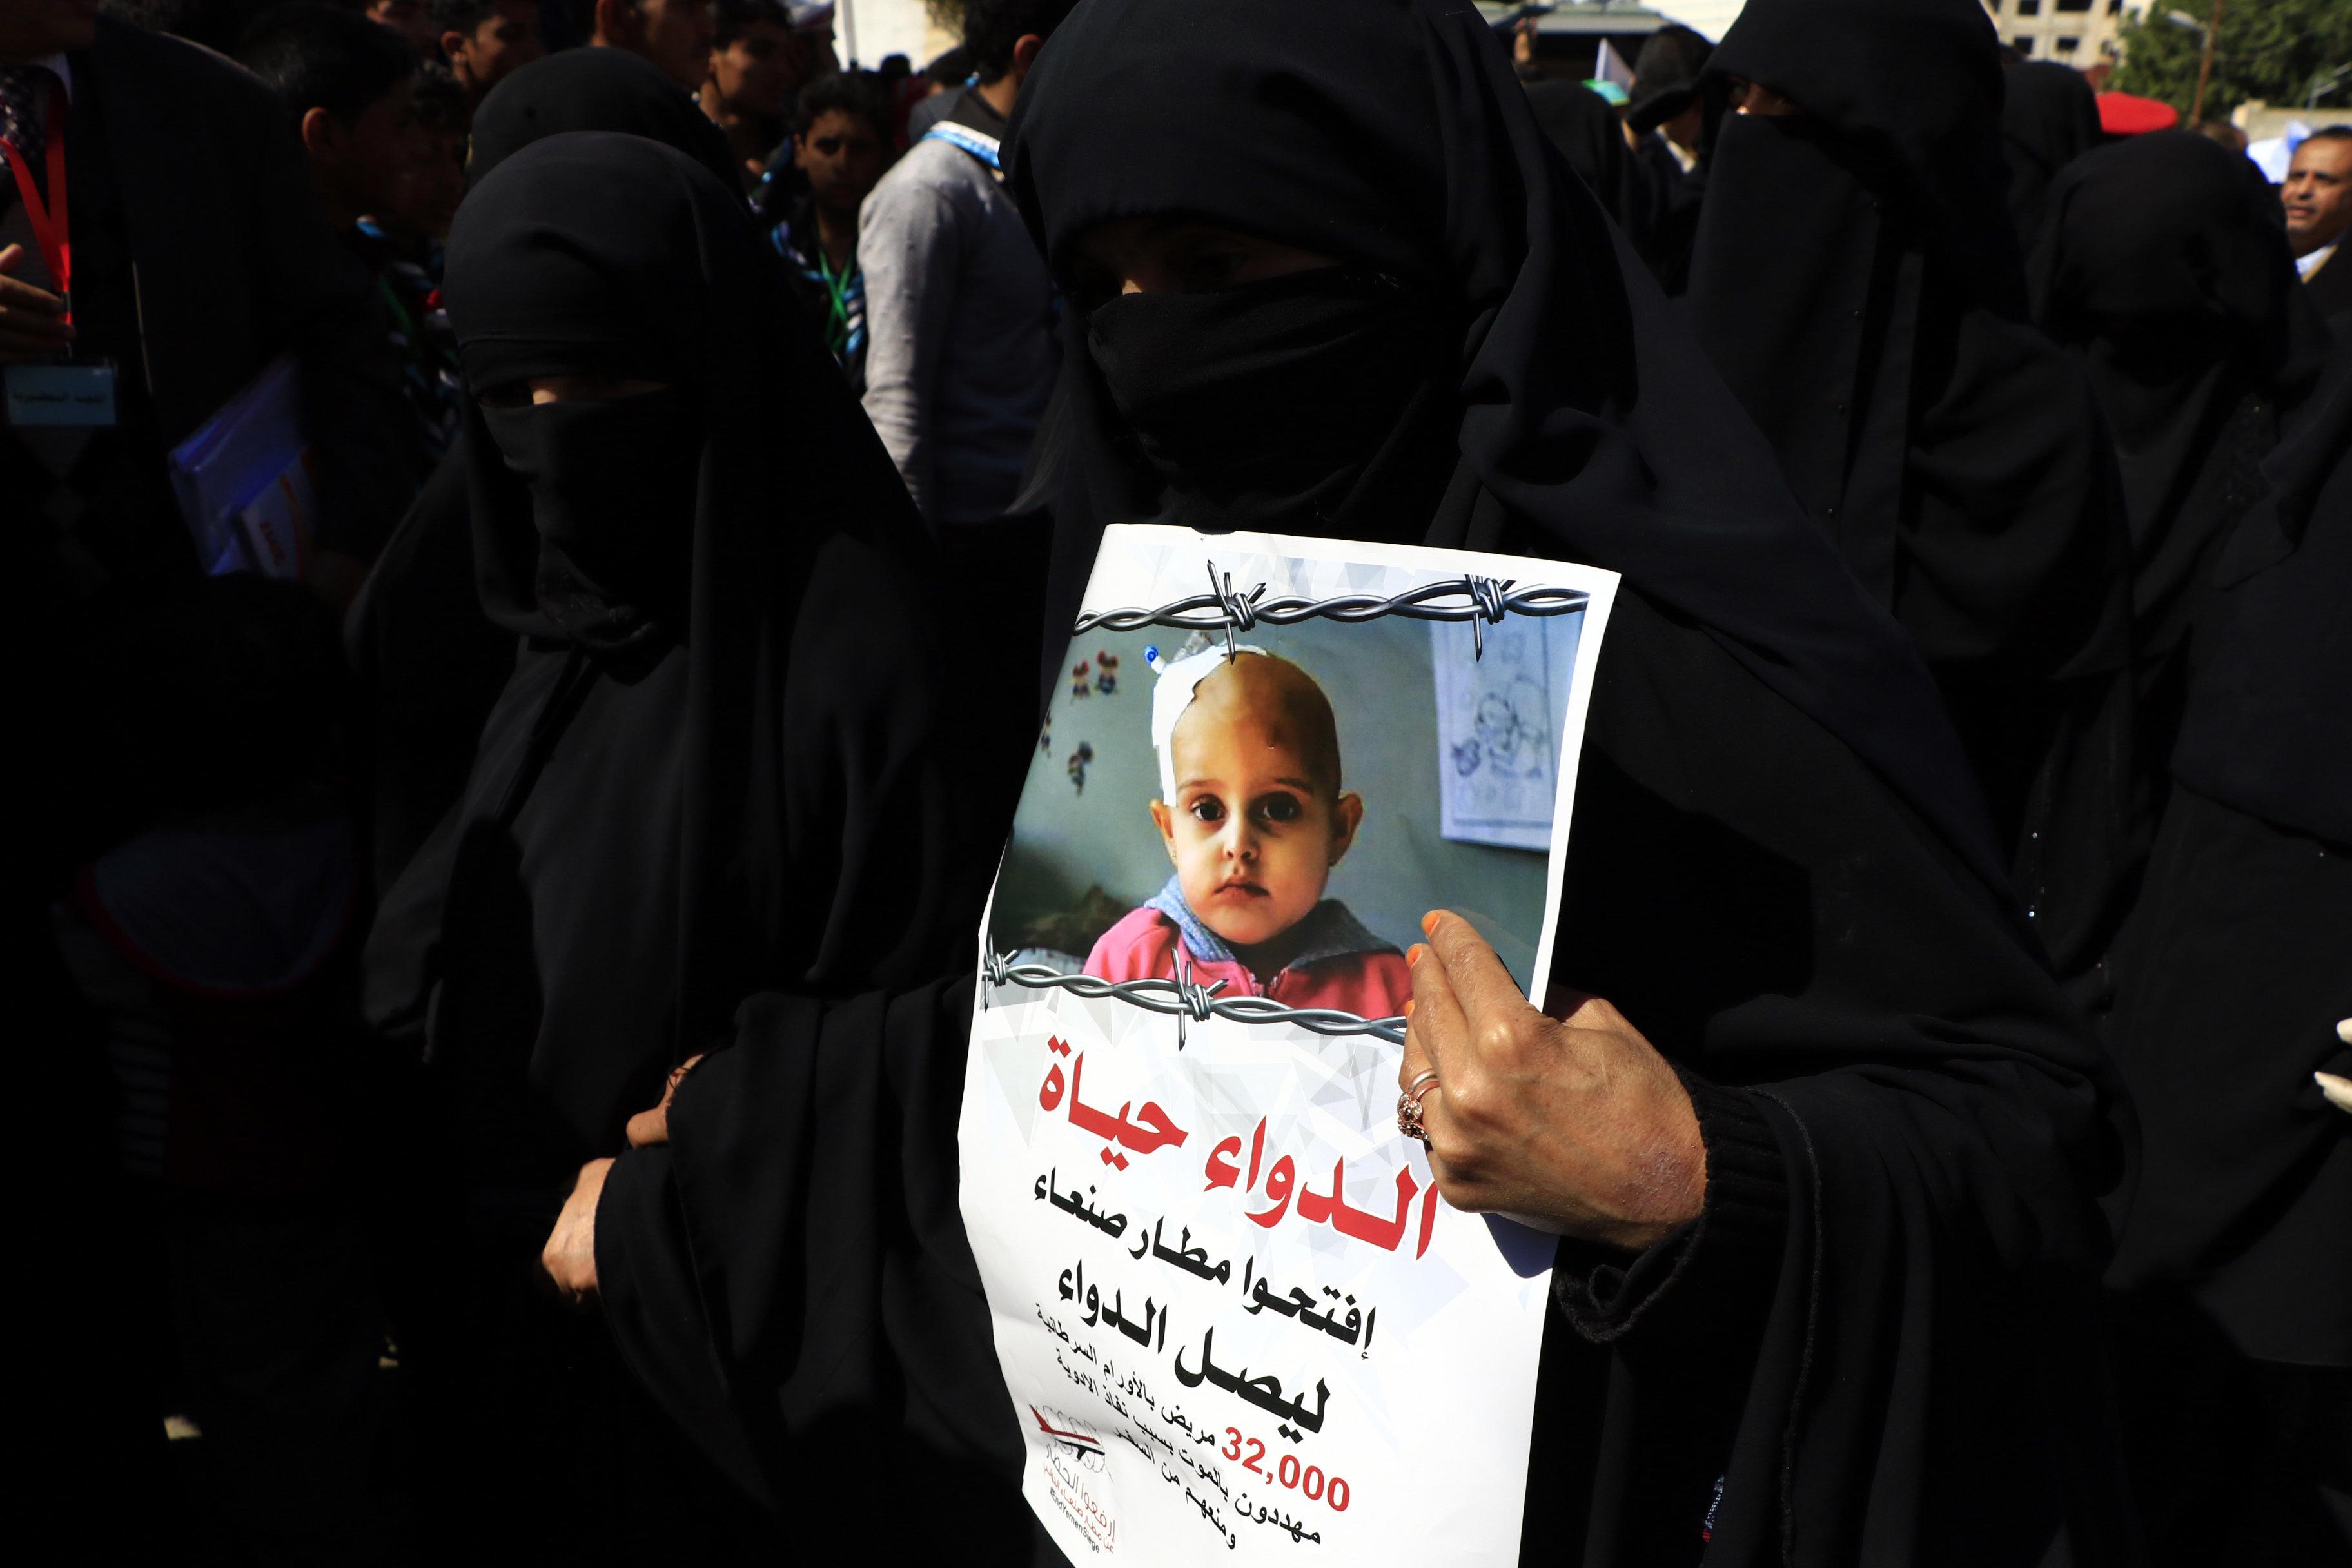 5 δισεκ. $ για την αποστολή ανθρωπιστικής βοήθειας στην Υεμένη αναζητά ο